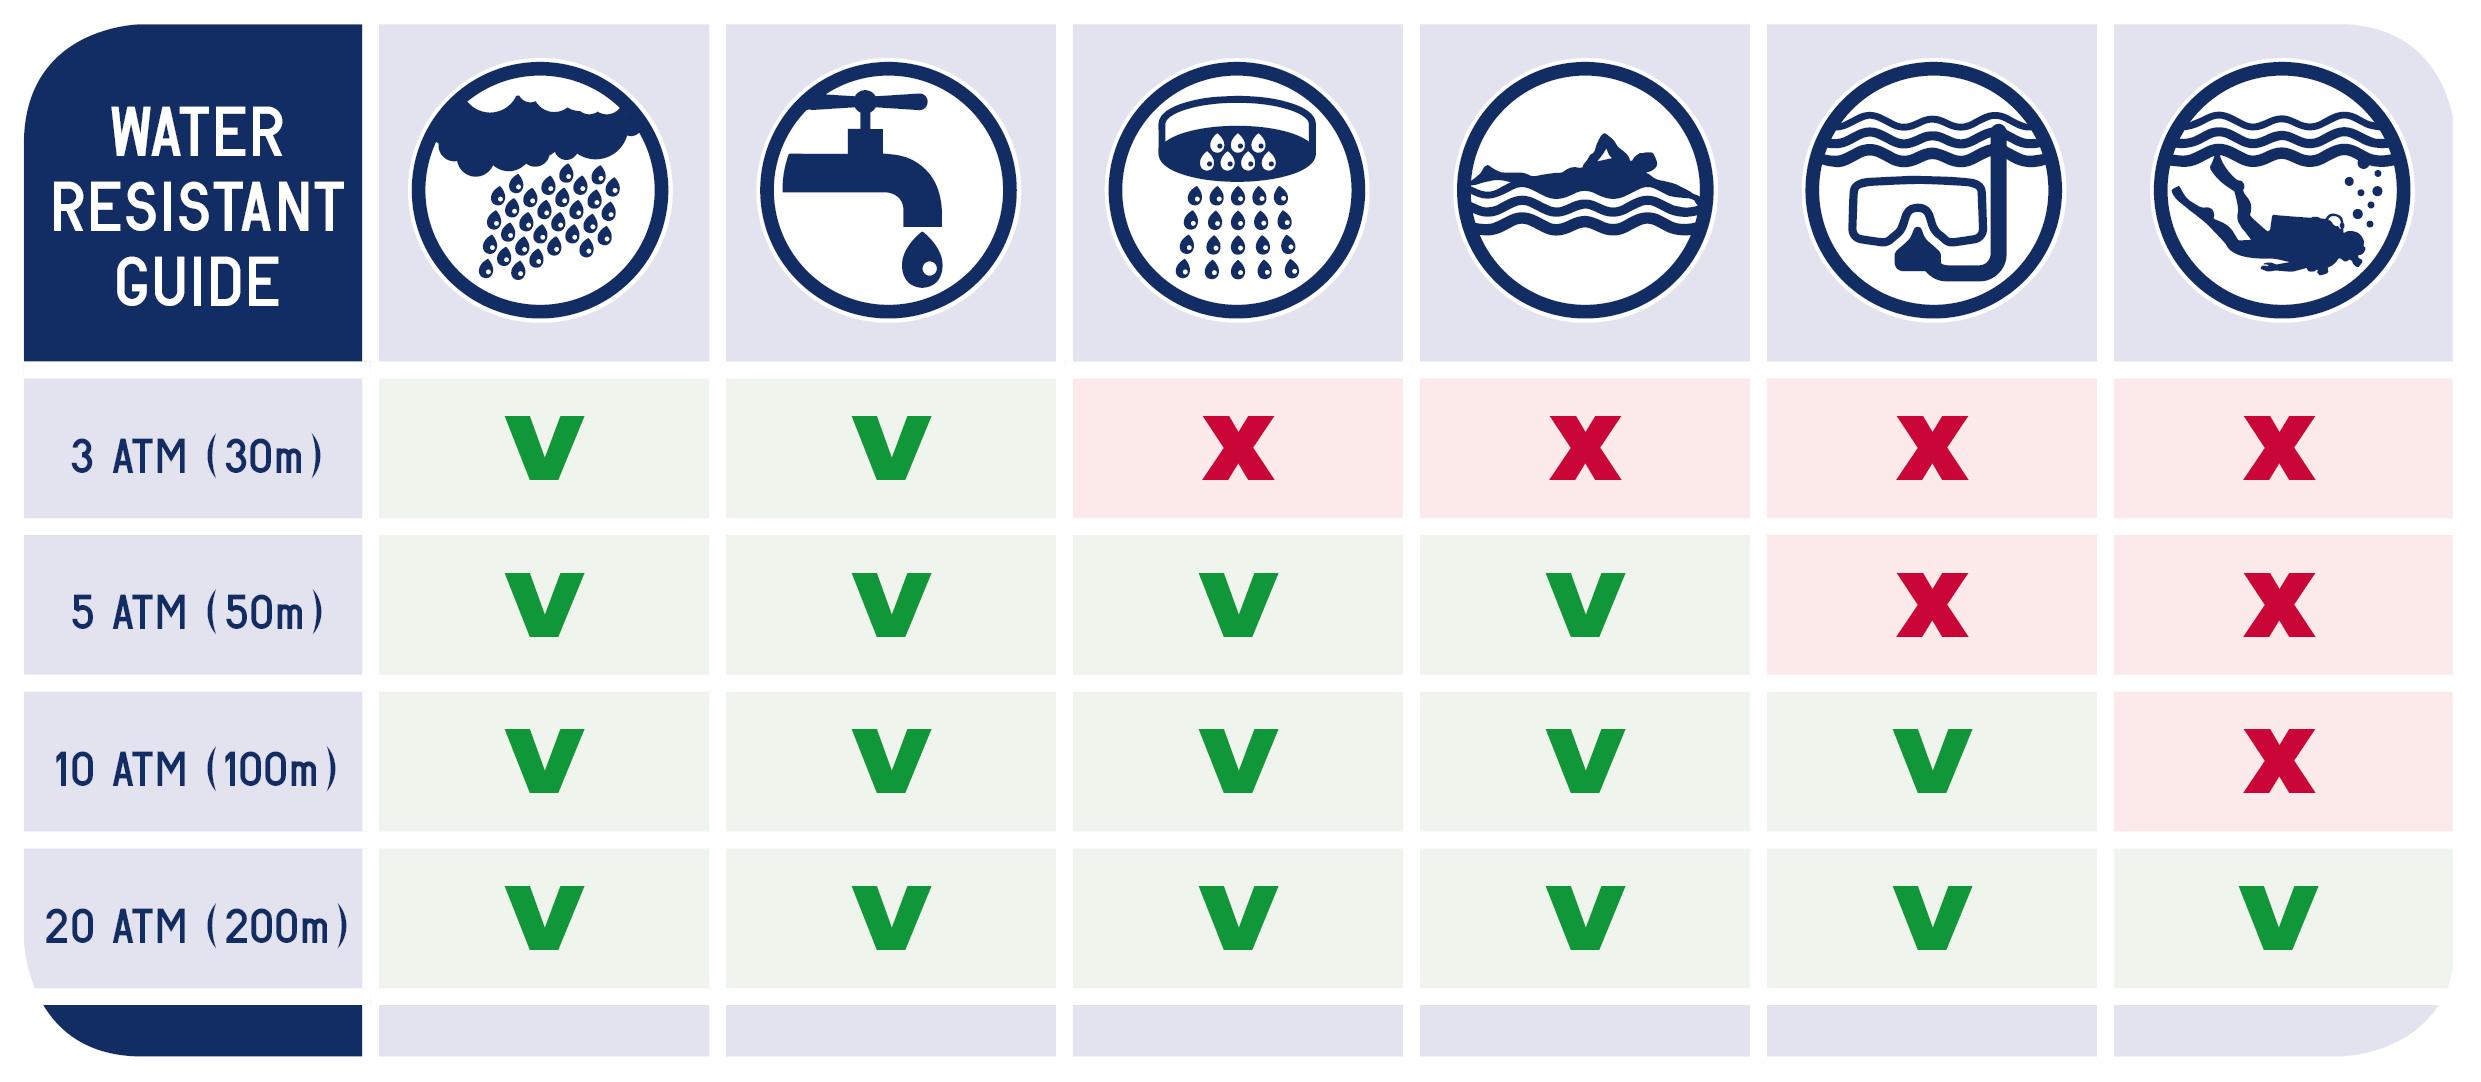 bảng hướng dẫn xem độ chống nước của đồng hồ